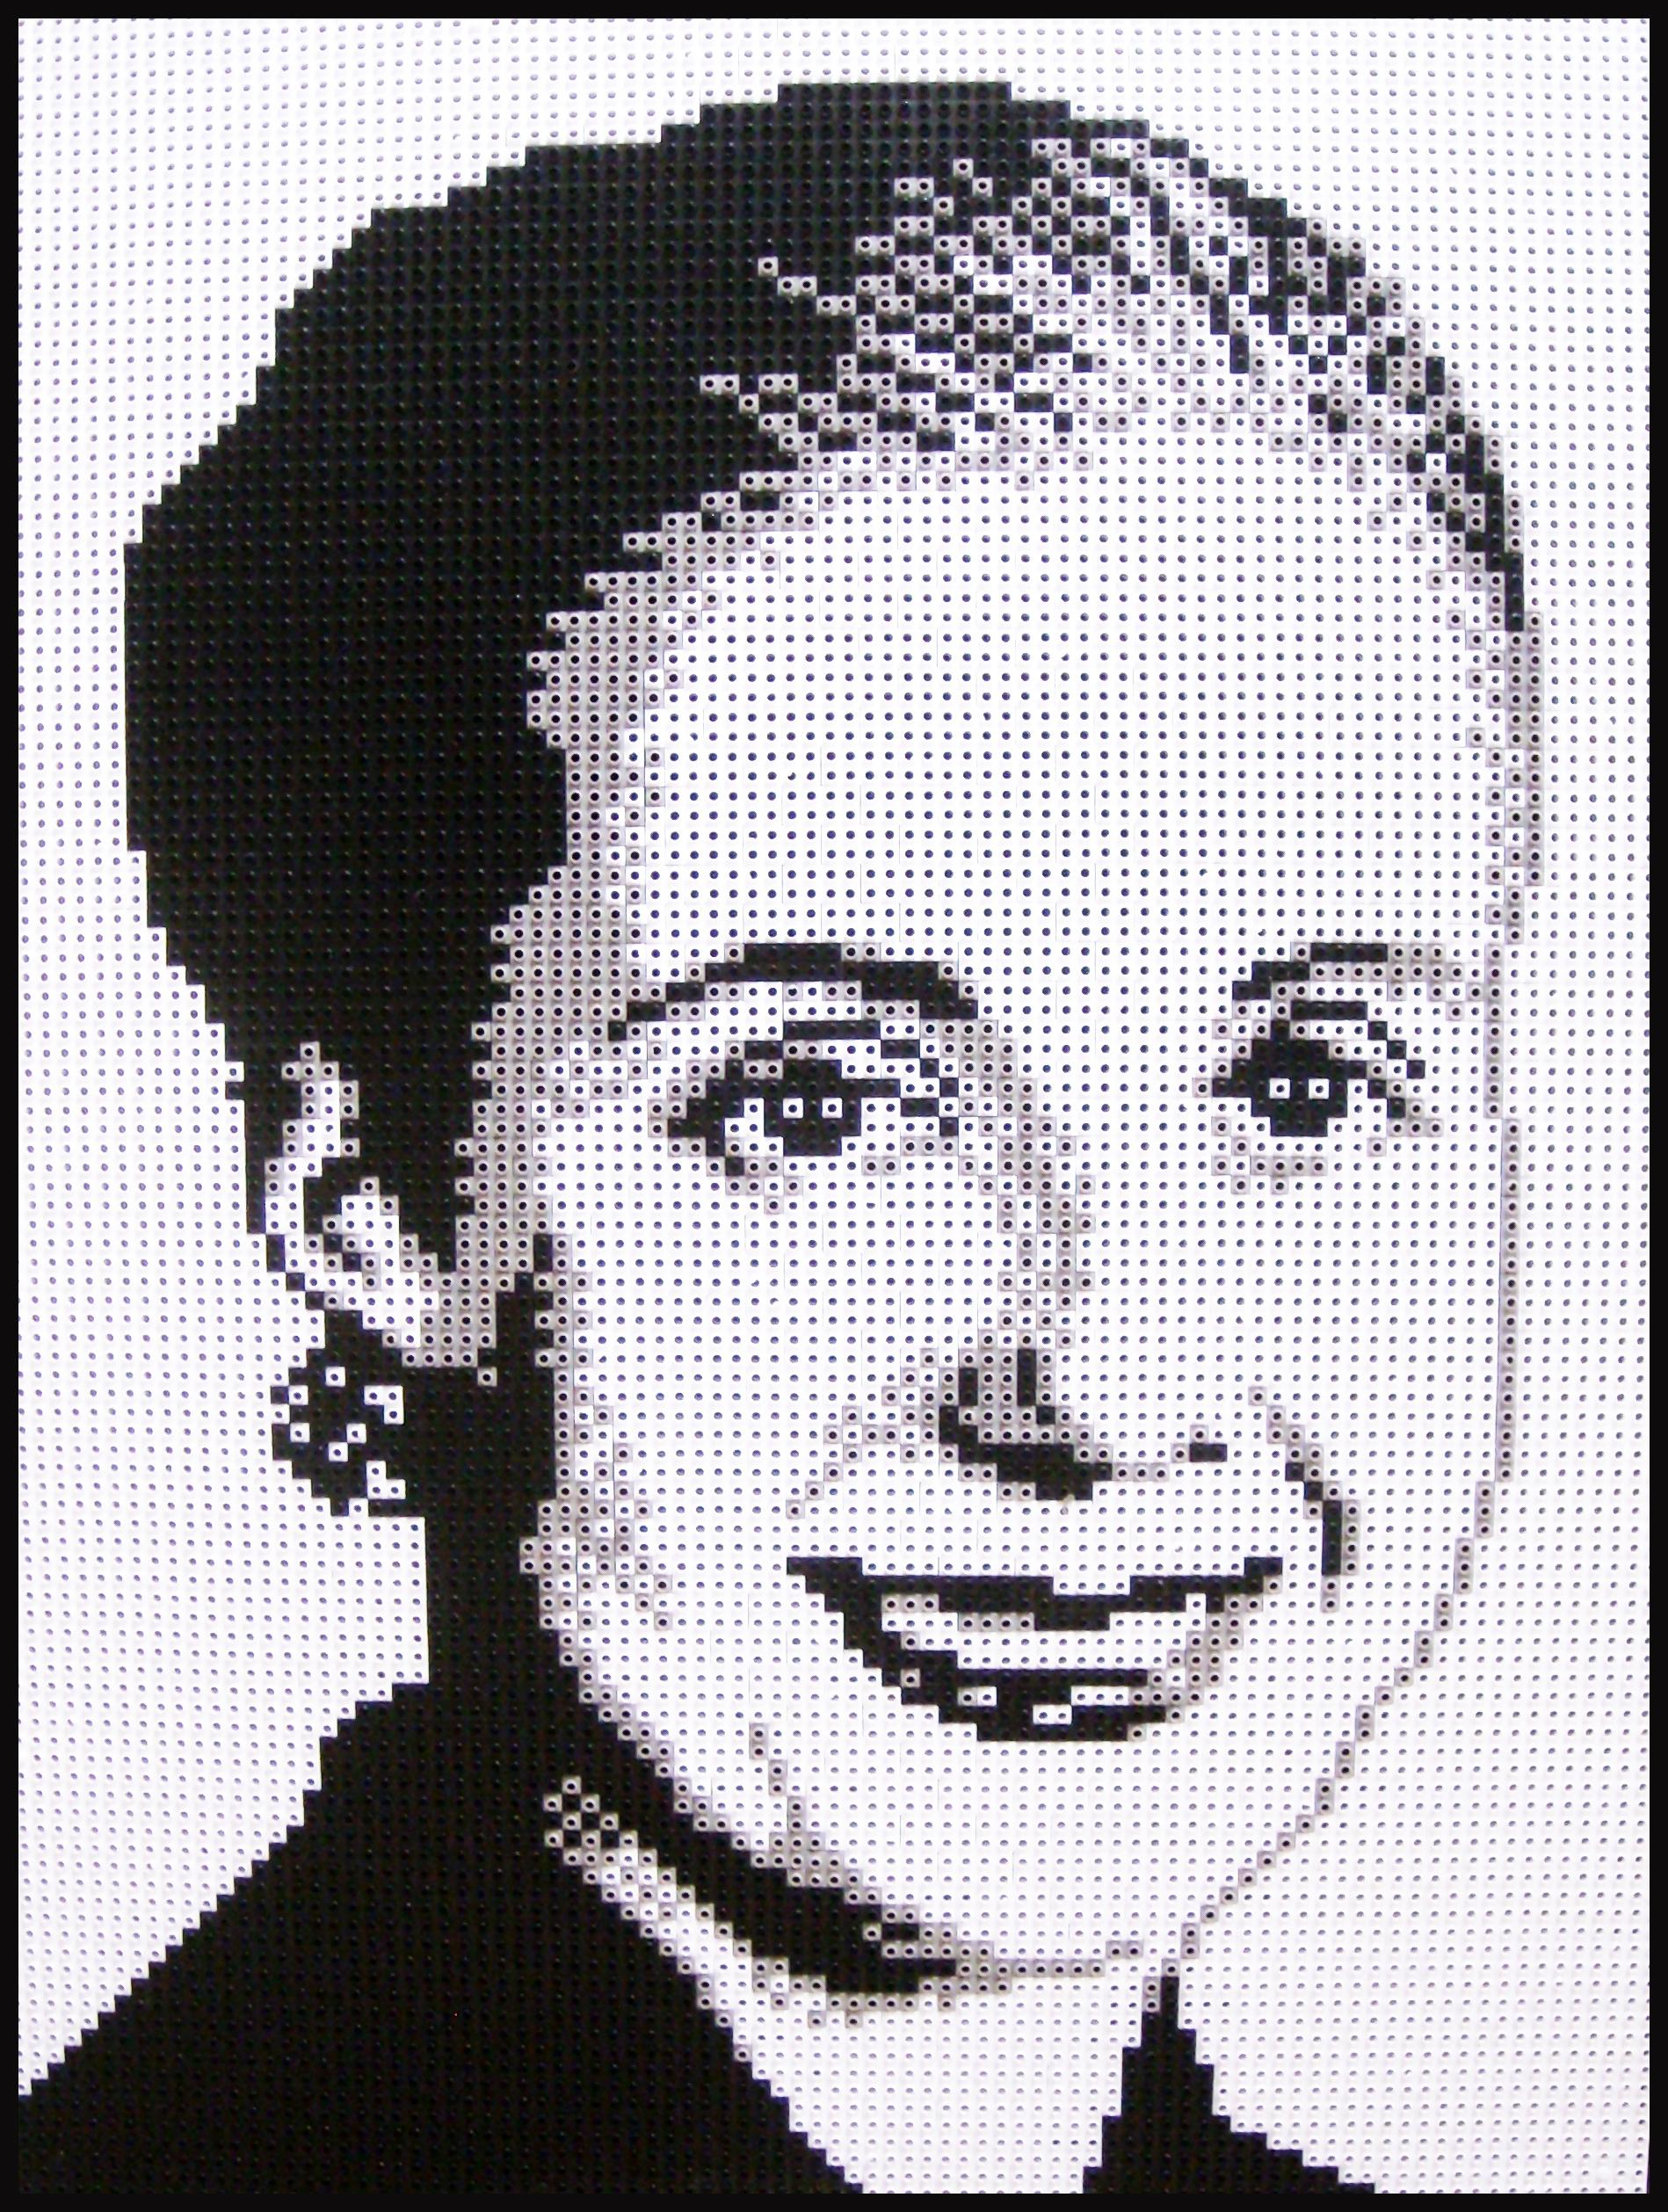 Eva, ensamblaje de piezas Rasti, 100 x 70 cm, 2013